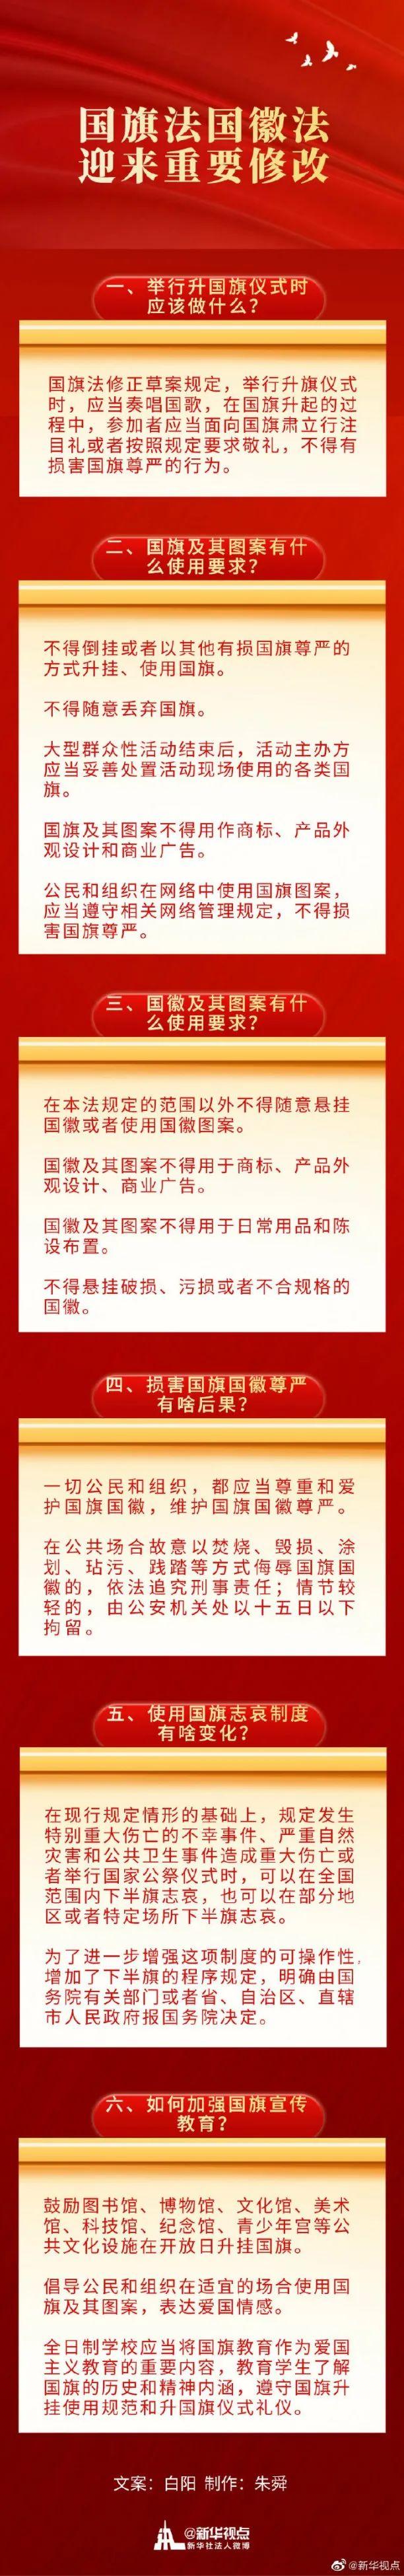 摩臣2官网登录:国徽摩臣2官网登录法迎来重要修改图片